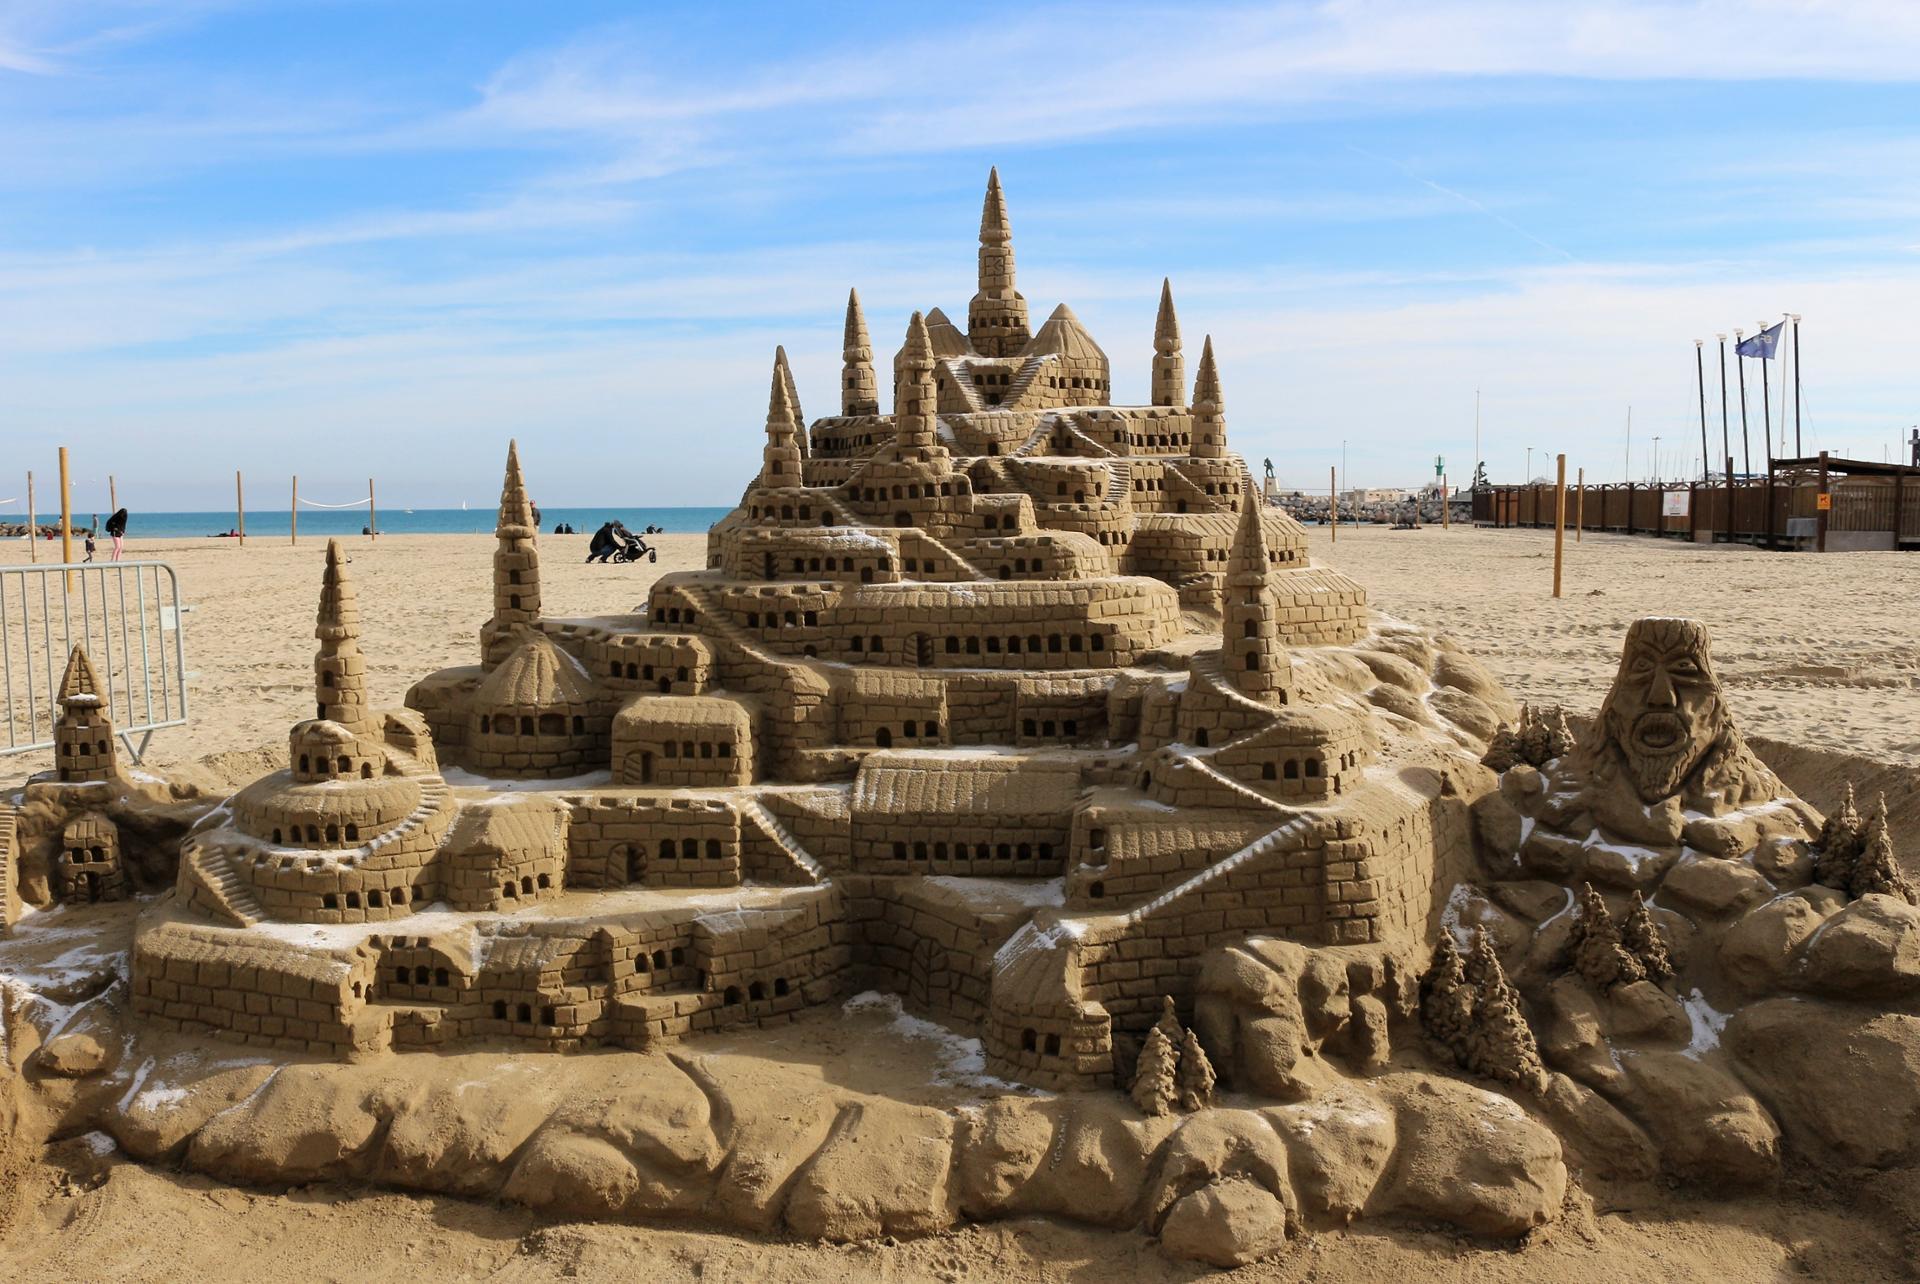 Jouer dans le sable. Bravo l'artiste